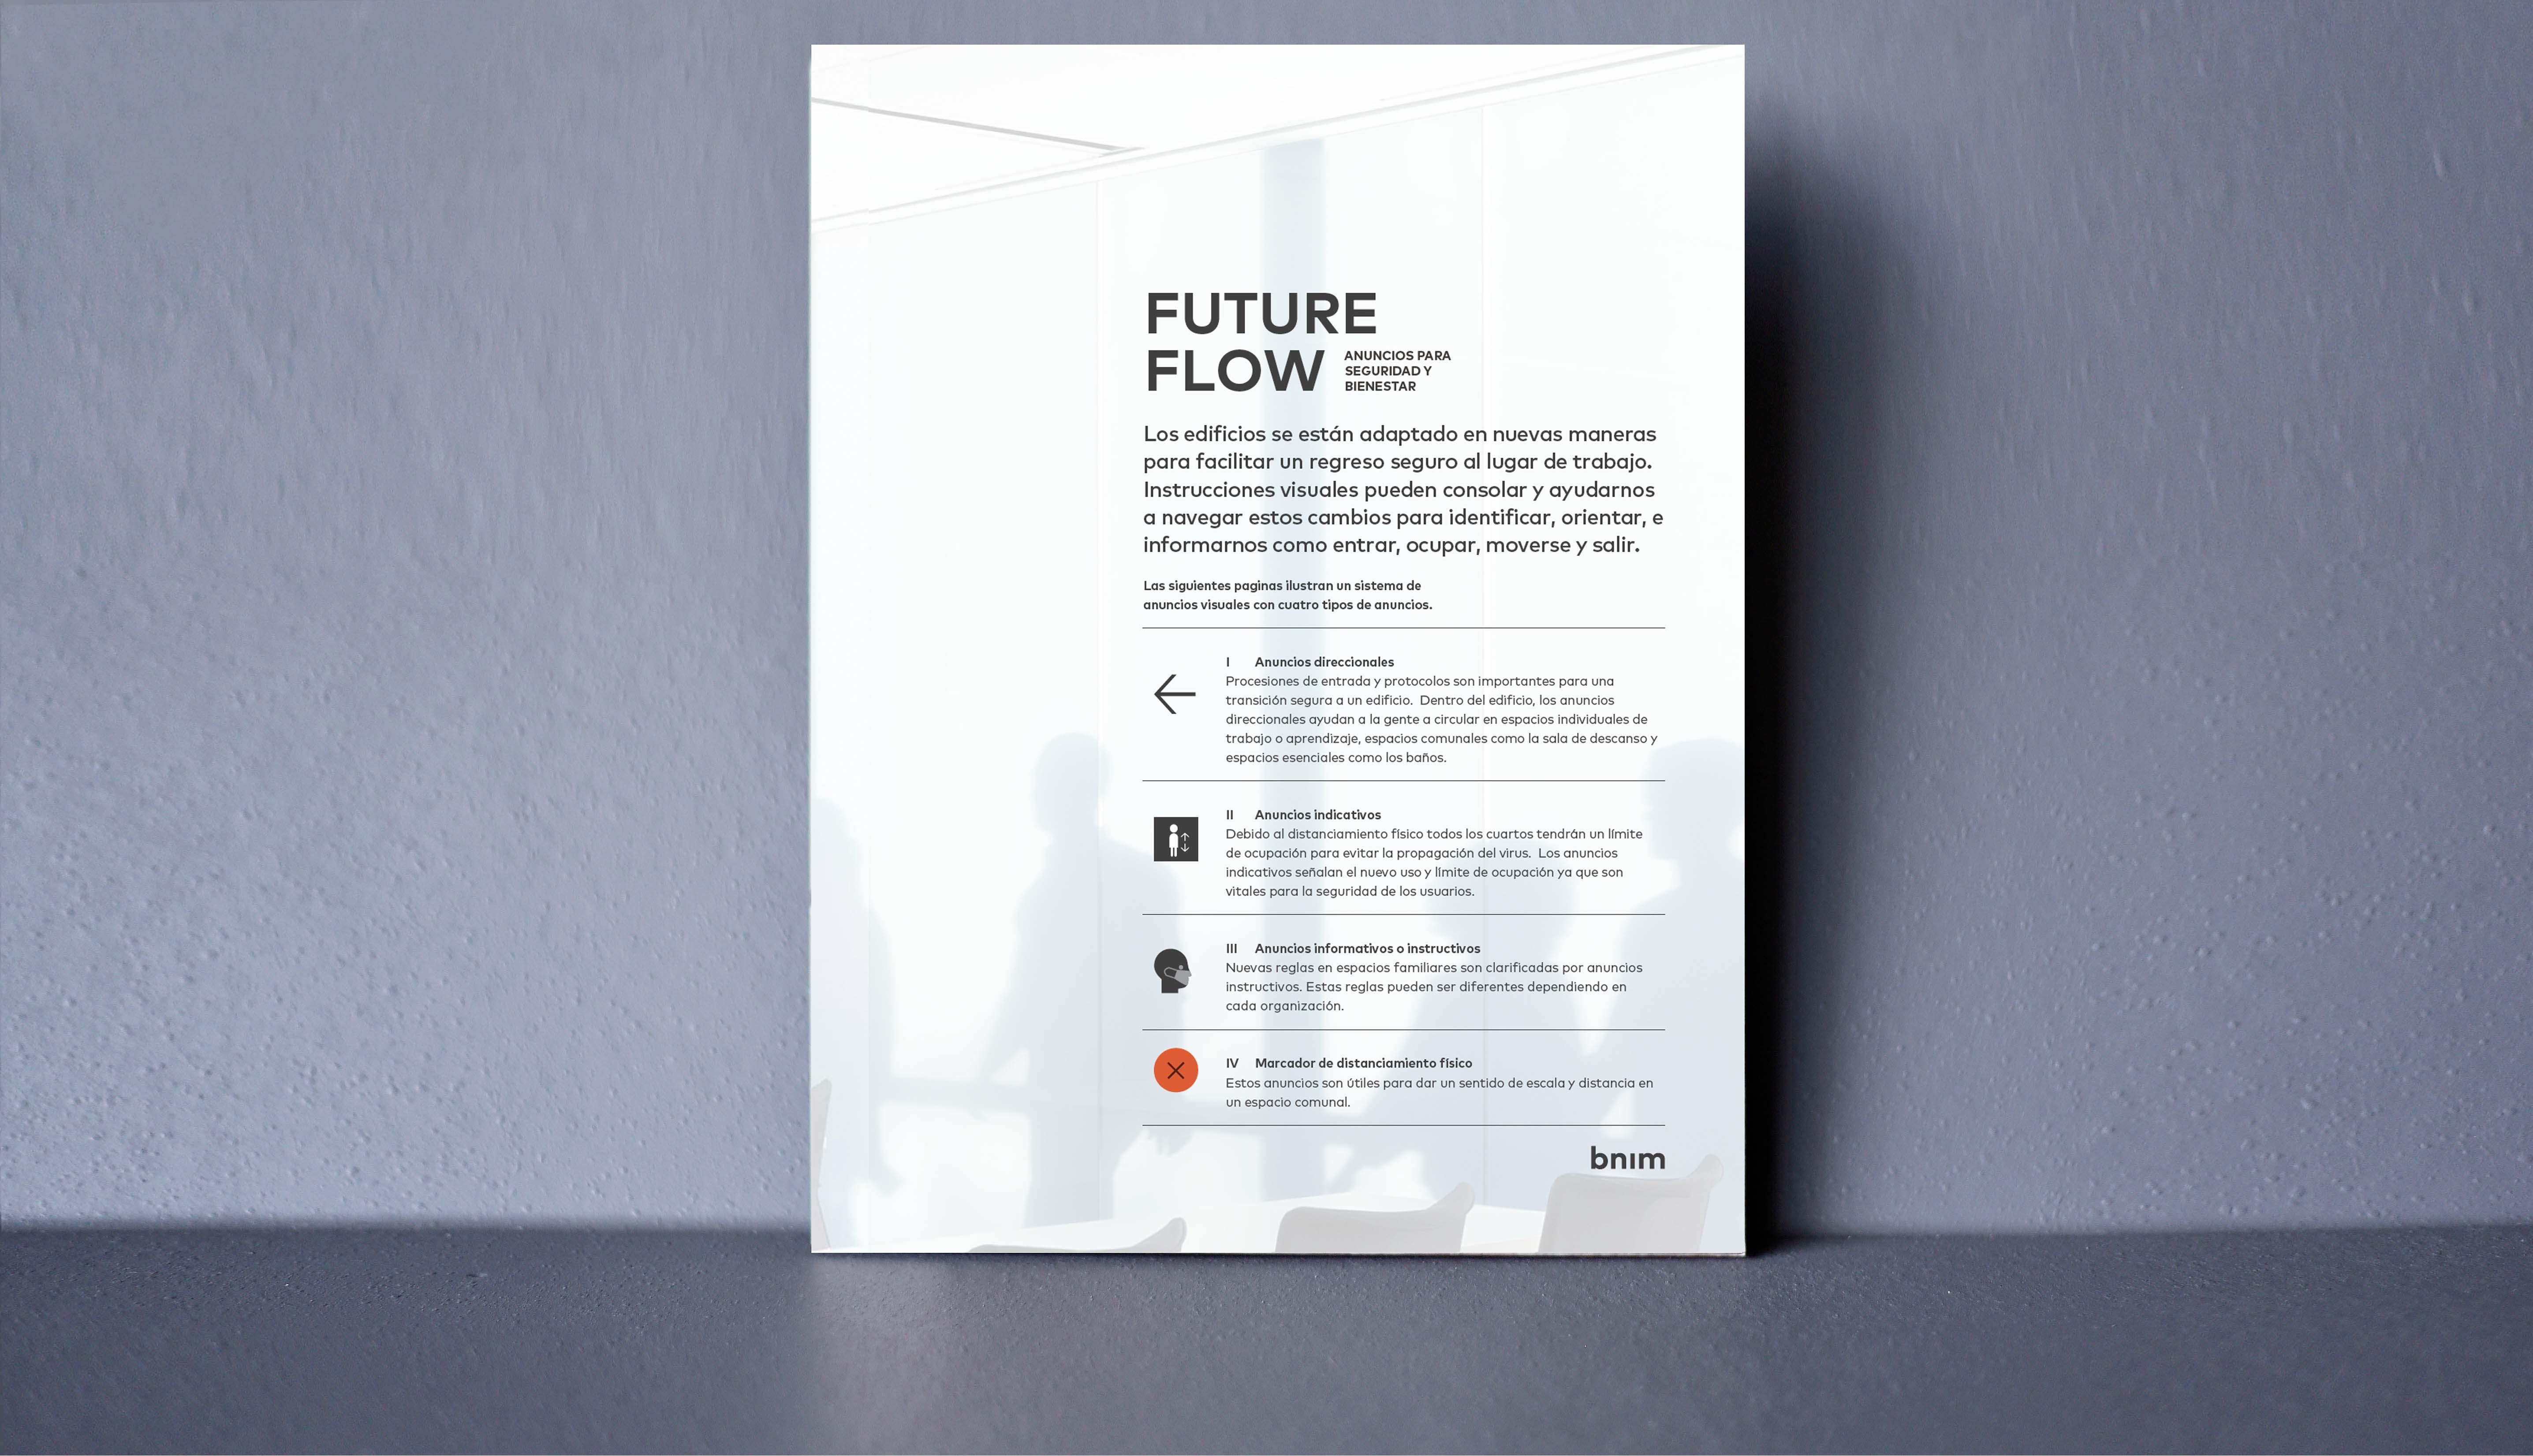 Future Flow Signage - Spanish Version